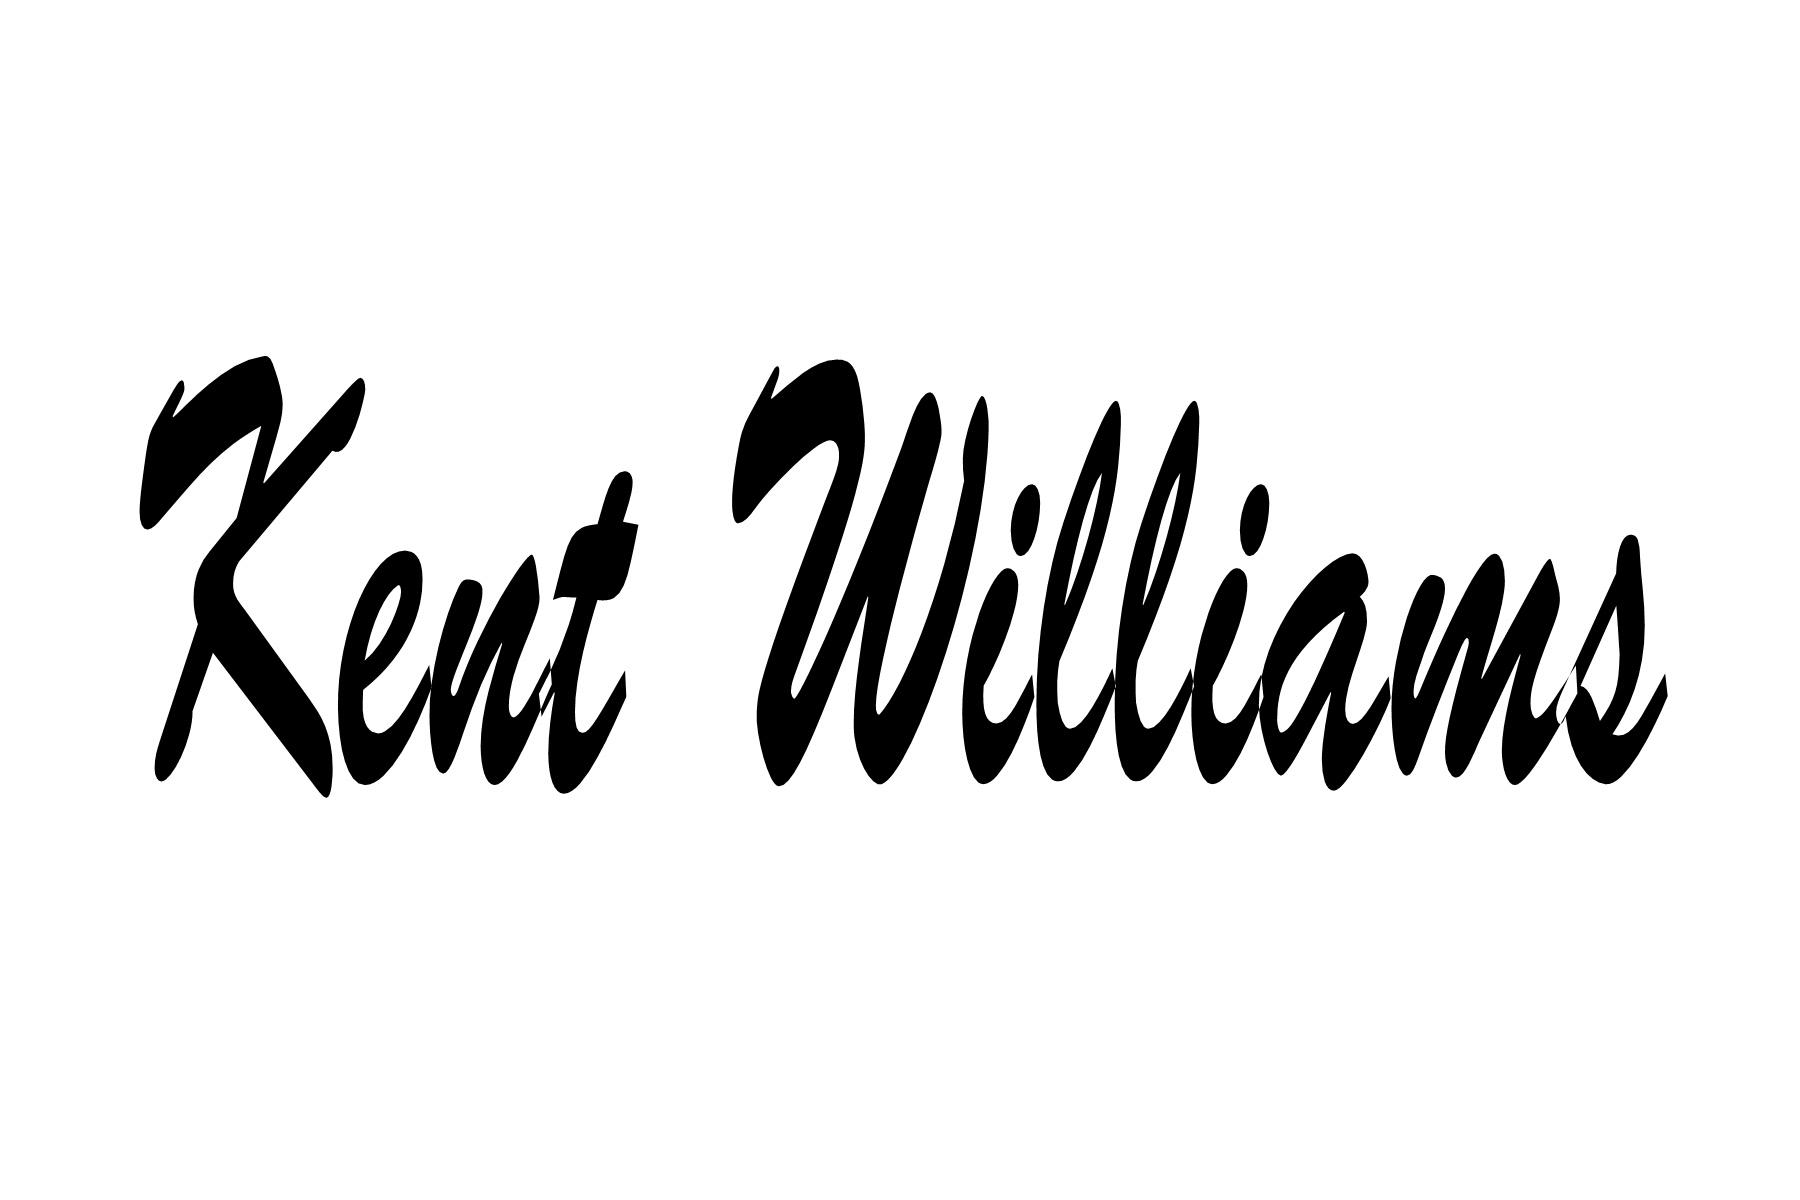 Kent Williams's Signature